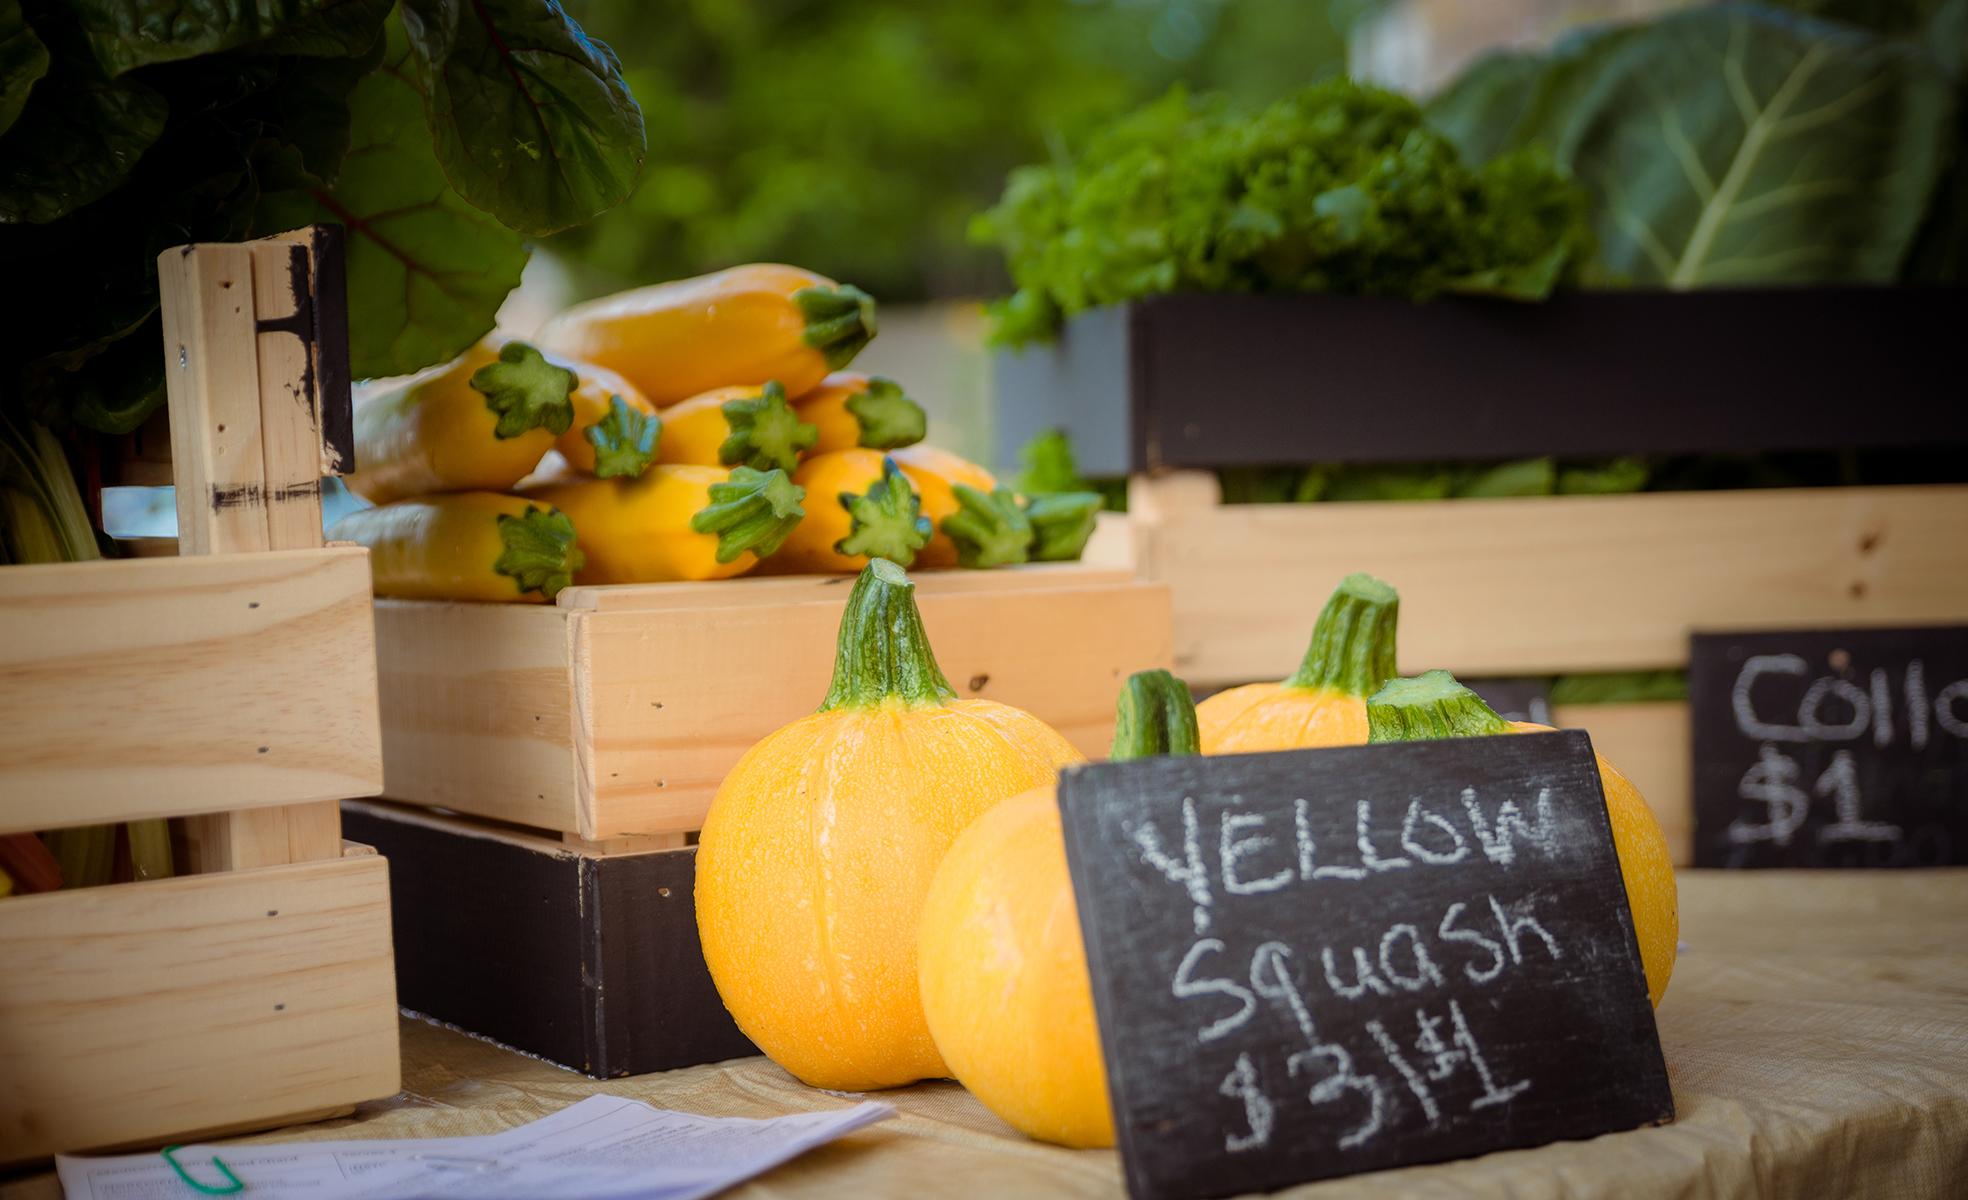 farmers_market_yellow_squash.jpg